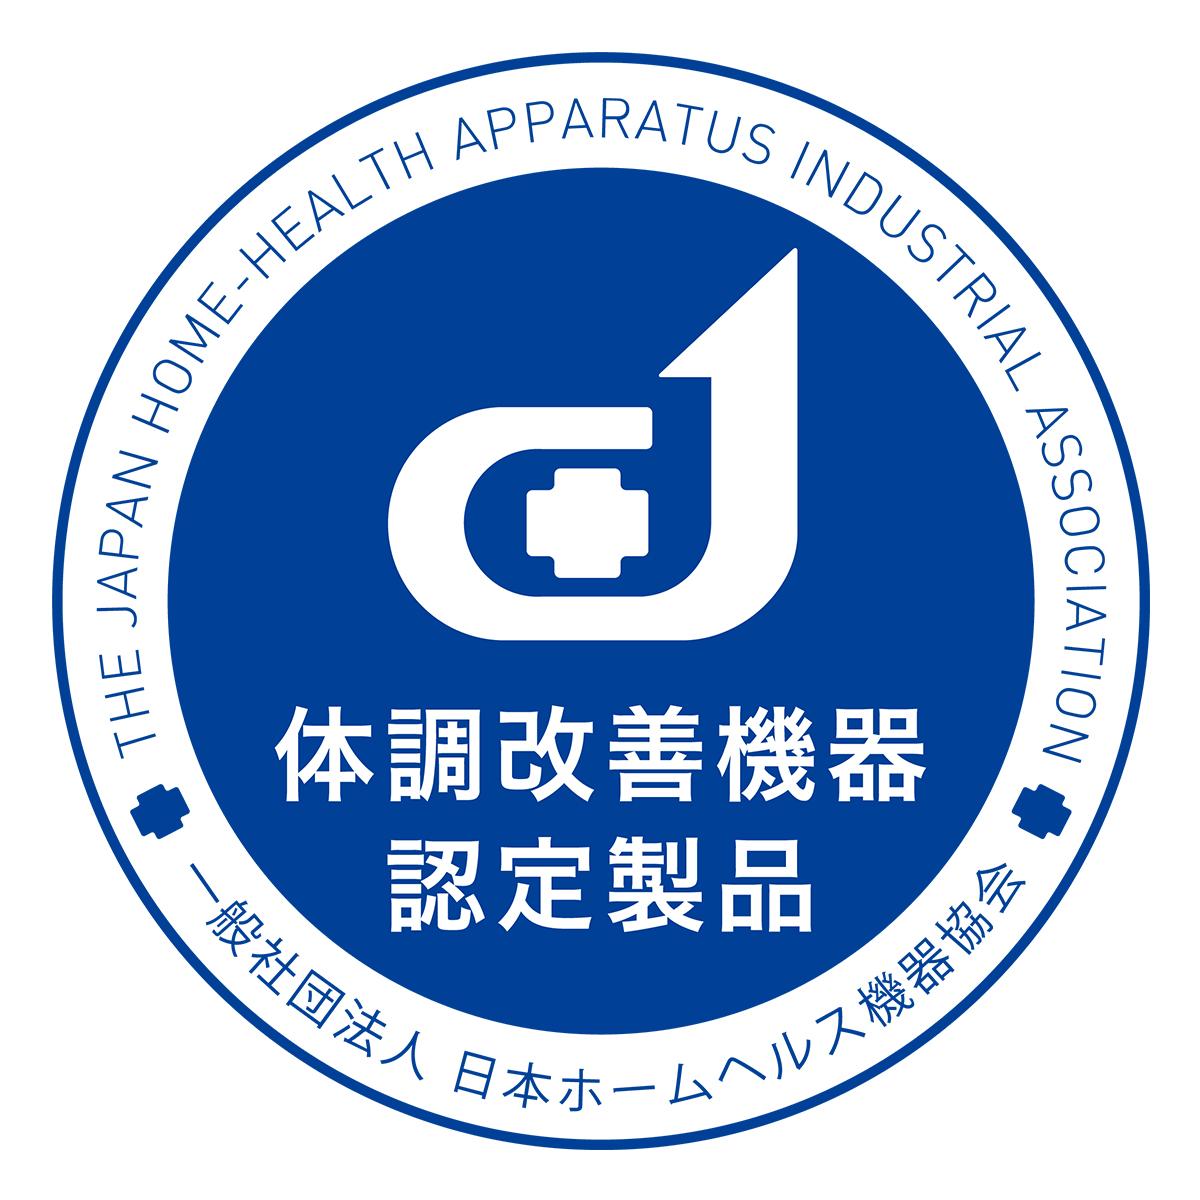 一般社団法人日本ホームヘルス機器協会が認めた「体調改善機器認定製品」のストレッチボール|Dr.Air 3Dコンディショニングボール